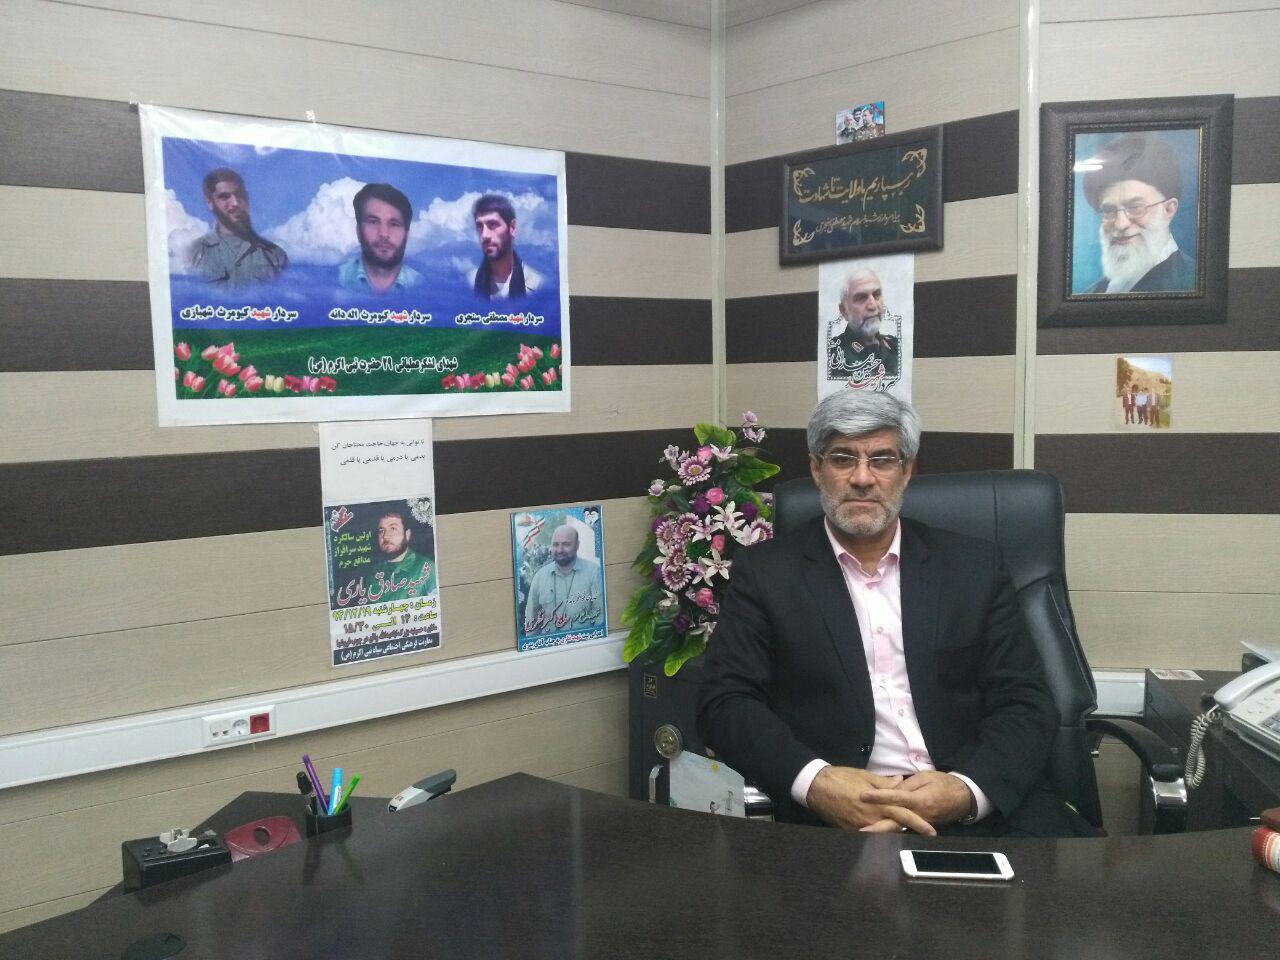 سردار بدری: دفاع مقدس گنجینه ارزشمندی برای تعالی جوانان است / آرامش امروز را مدیون ایثار شهیدان هستیم